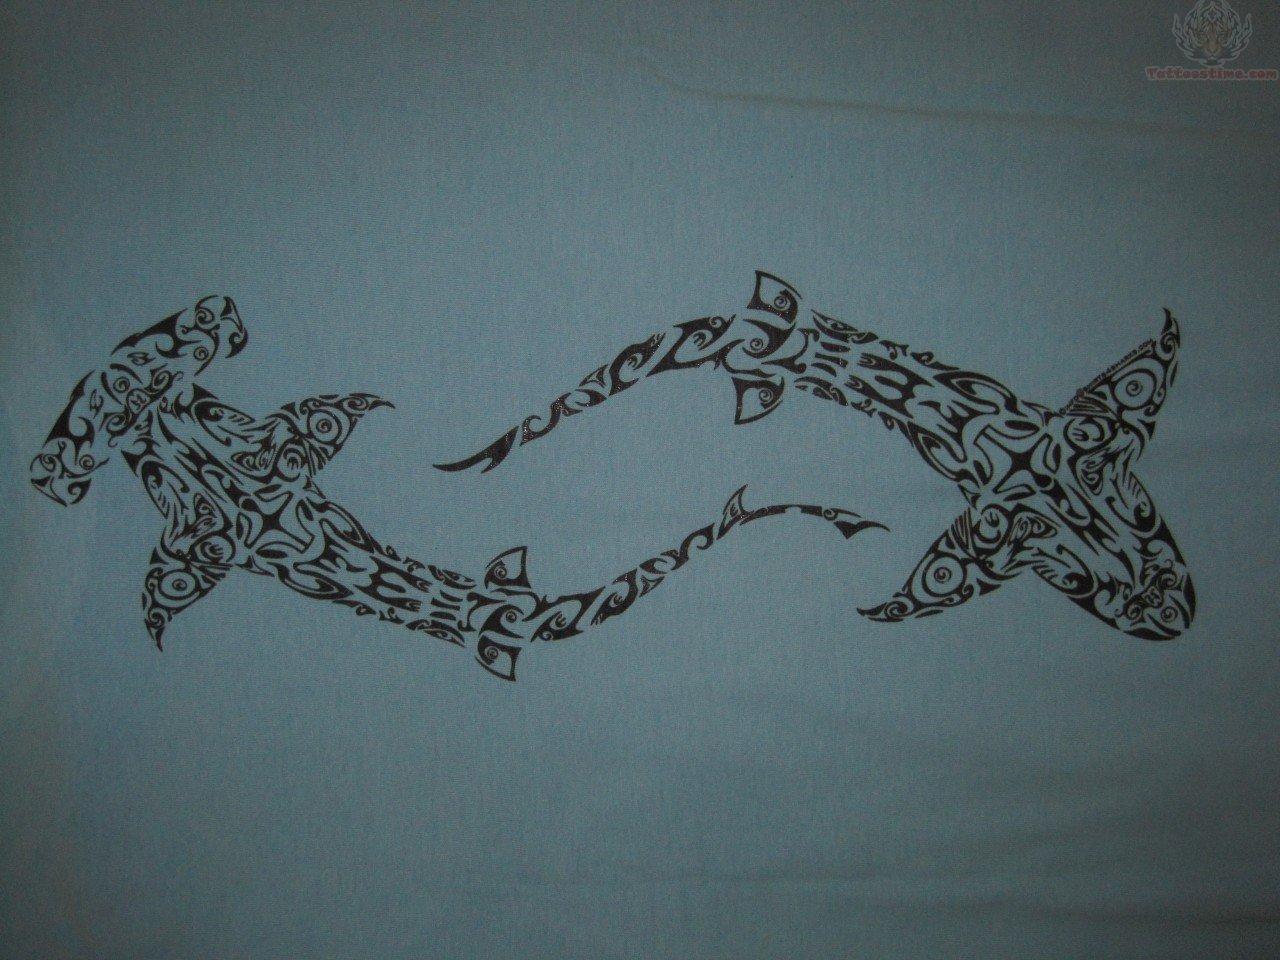 Maori hammerhead shark tattoo designs